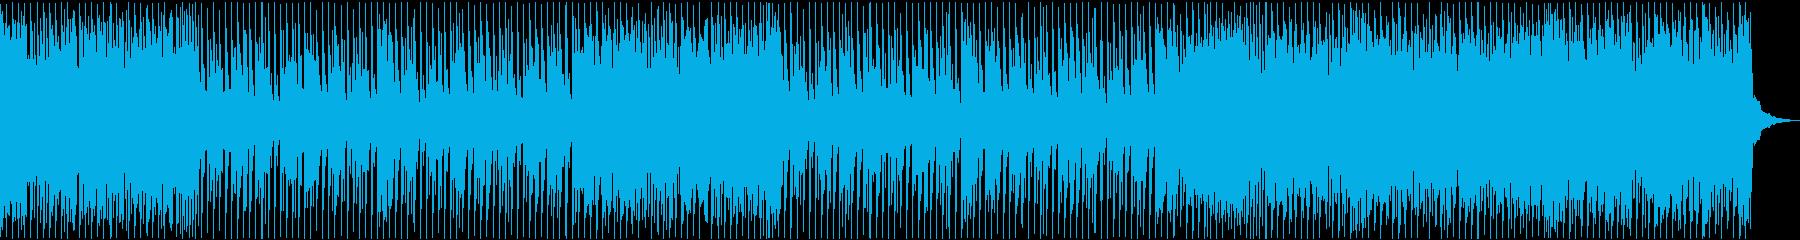 おしゃれ/ドライブ/OP/ラジオ/都会の再生済みの波形